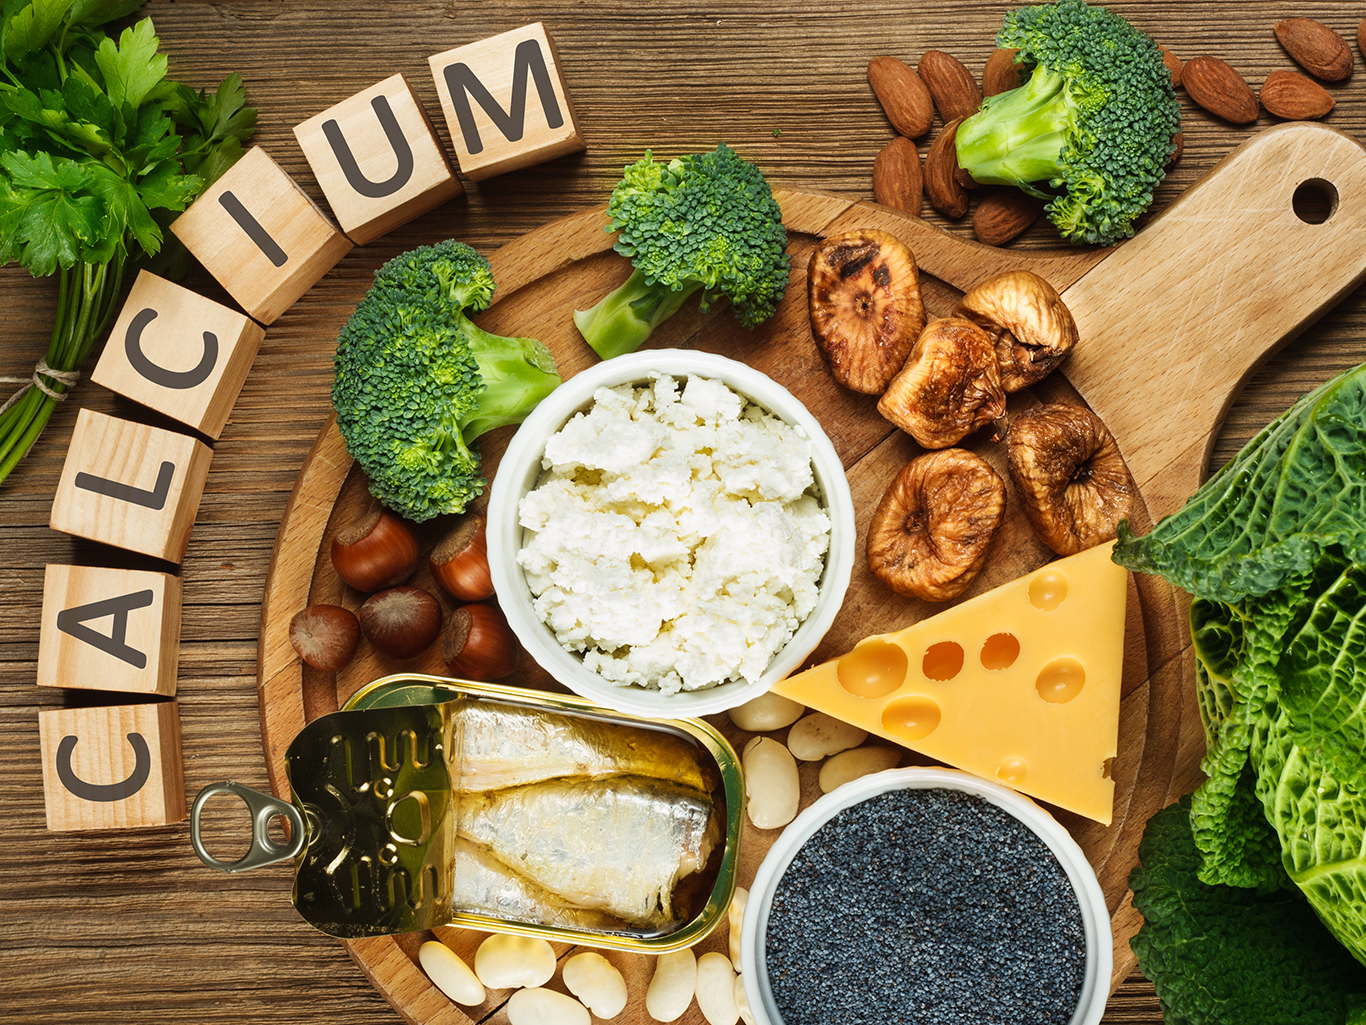 холестерин высокой плотности повышен